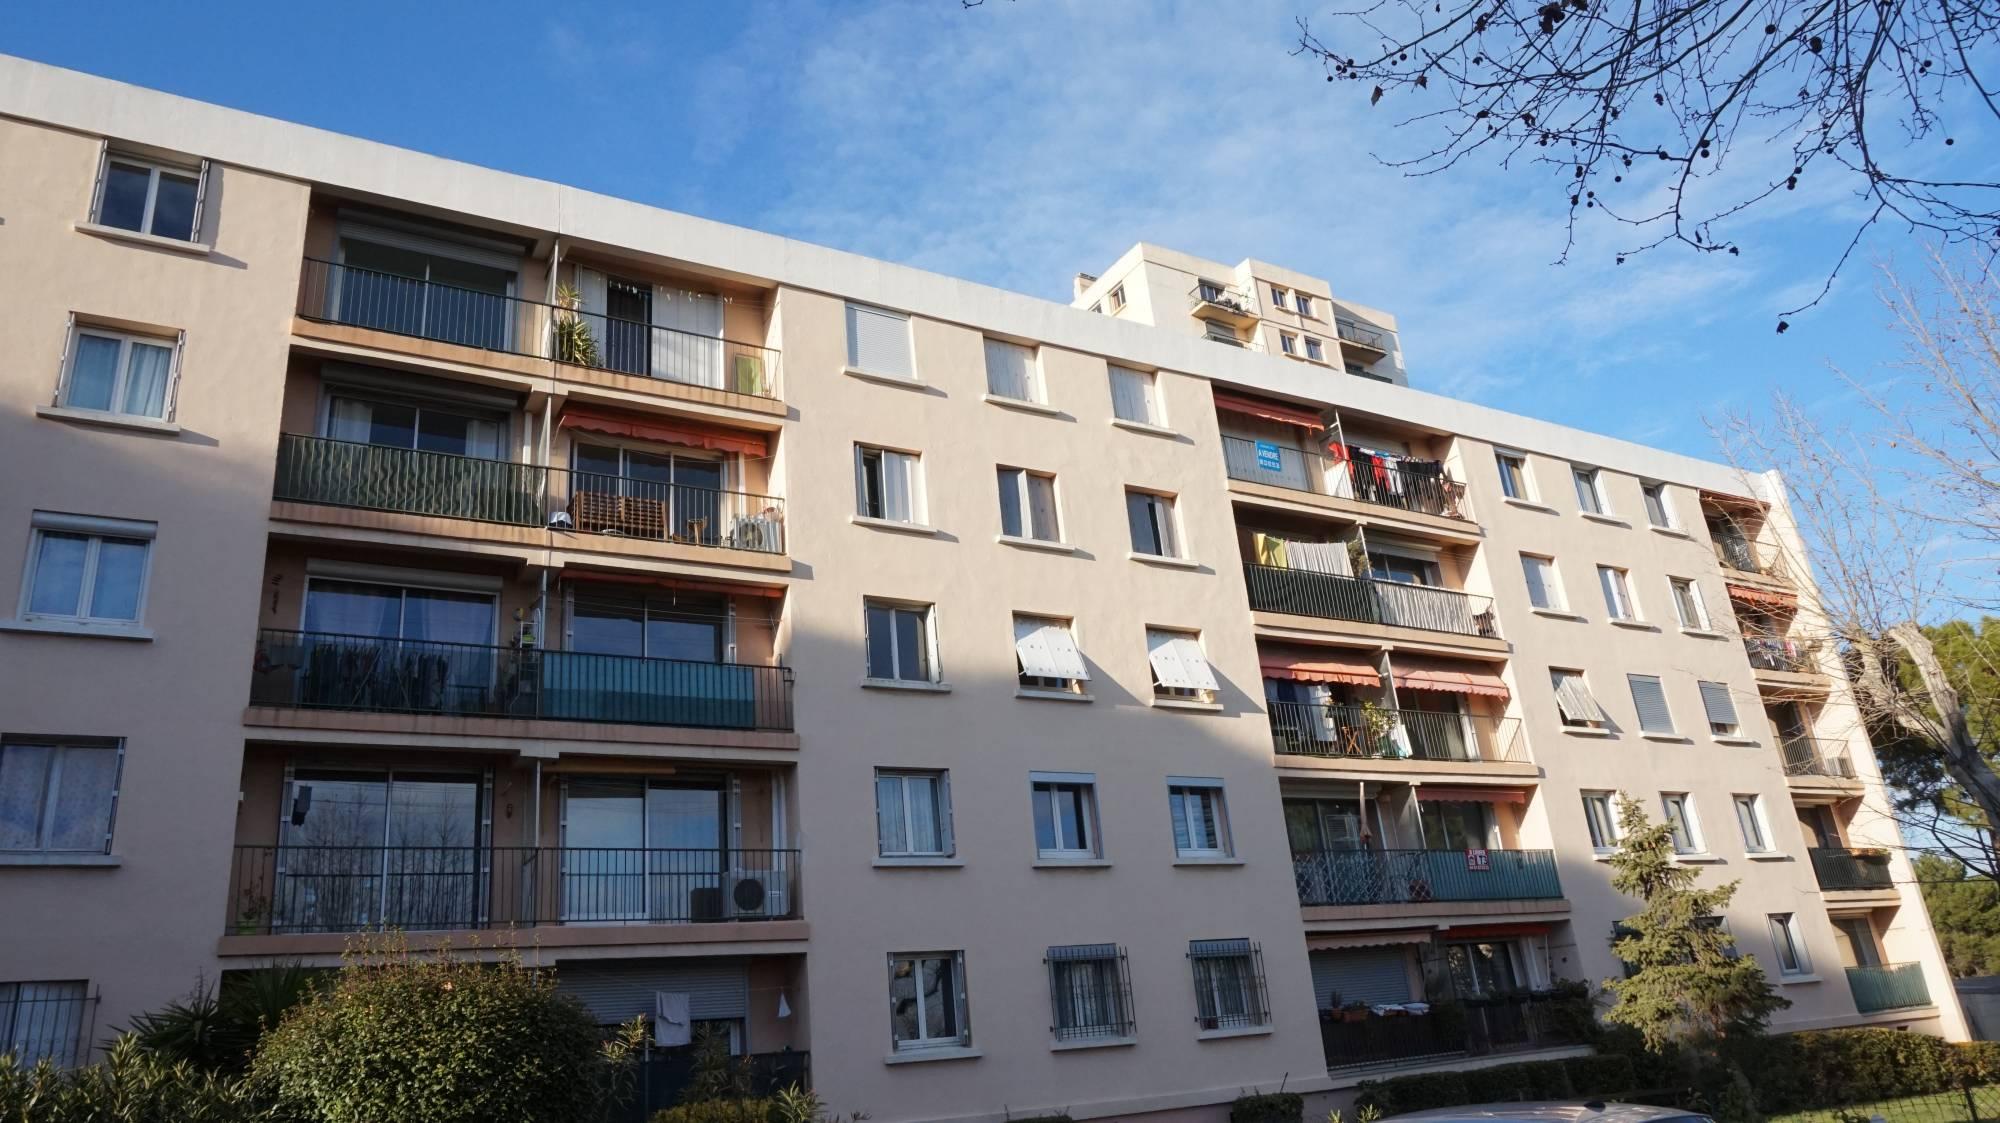 Location appartement grand t4 dans maison marseille 13012 for Appartement dans maison